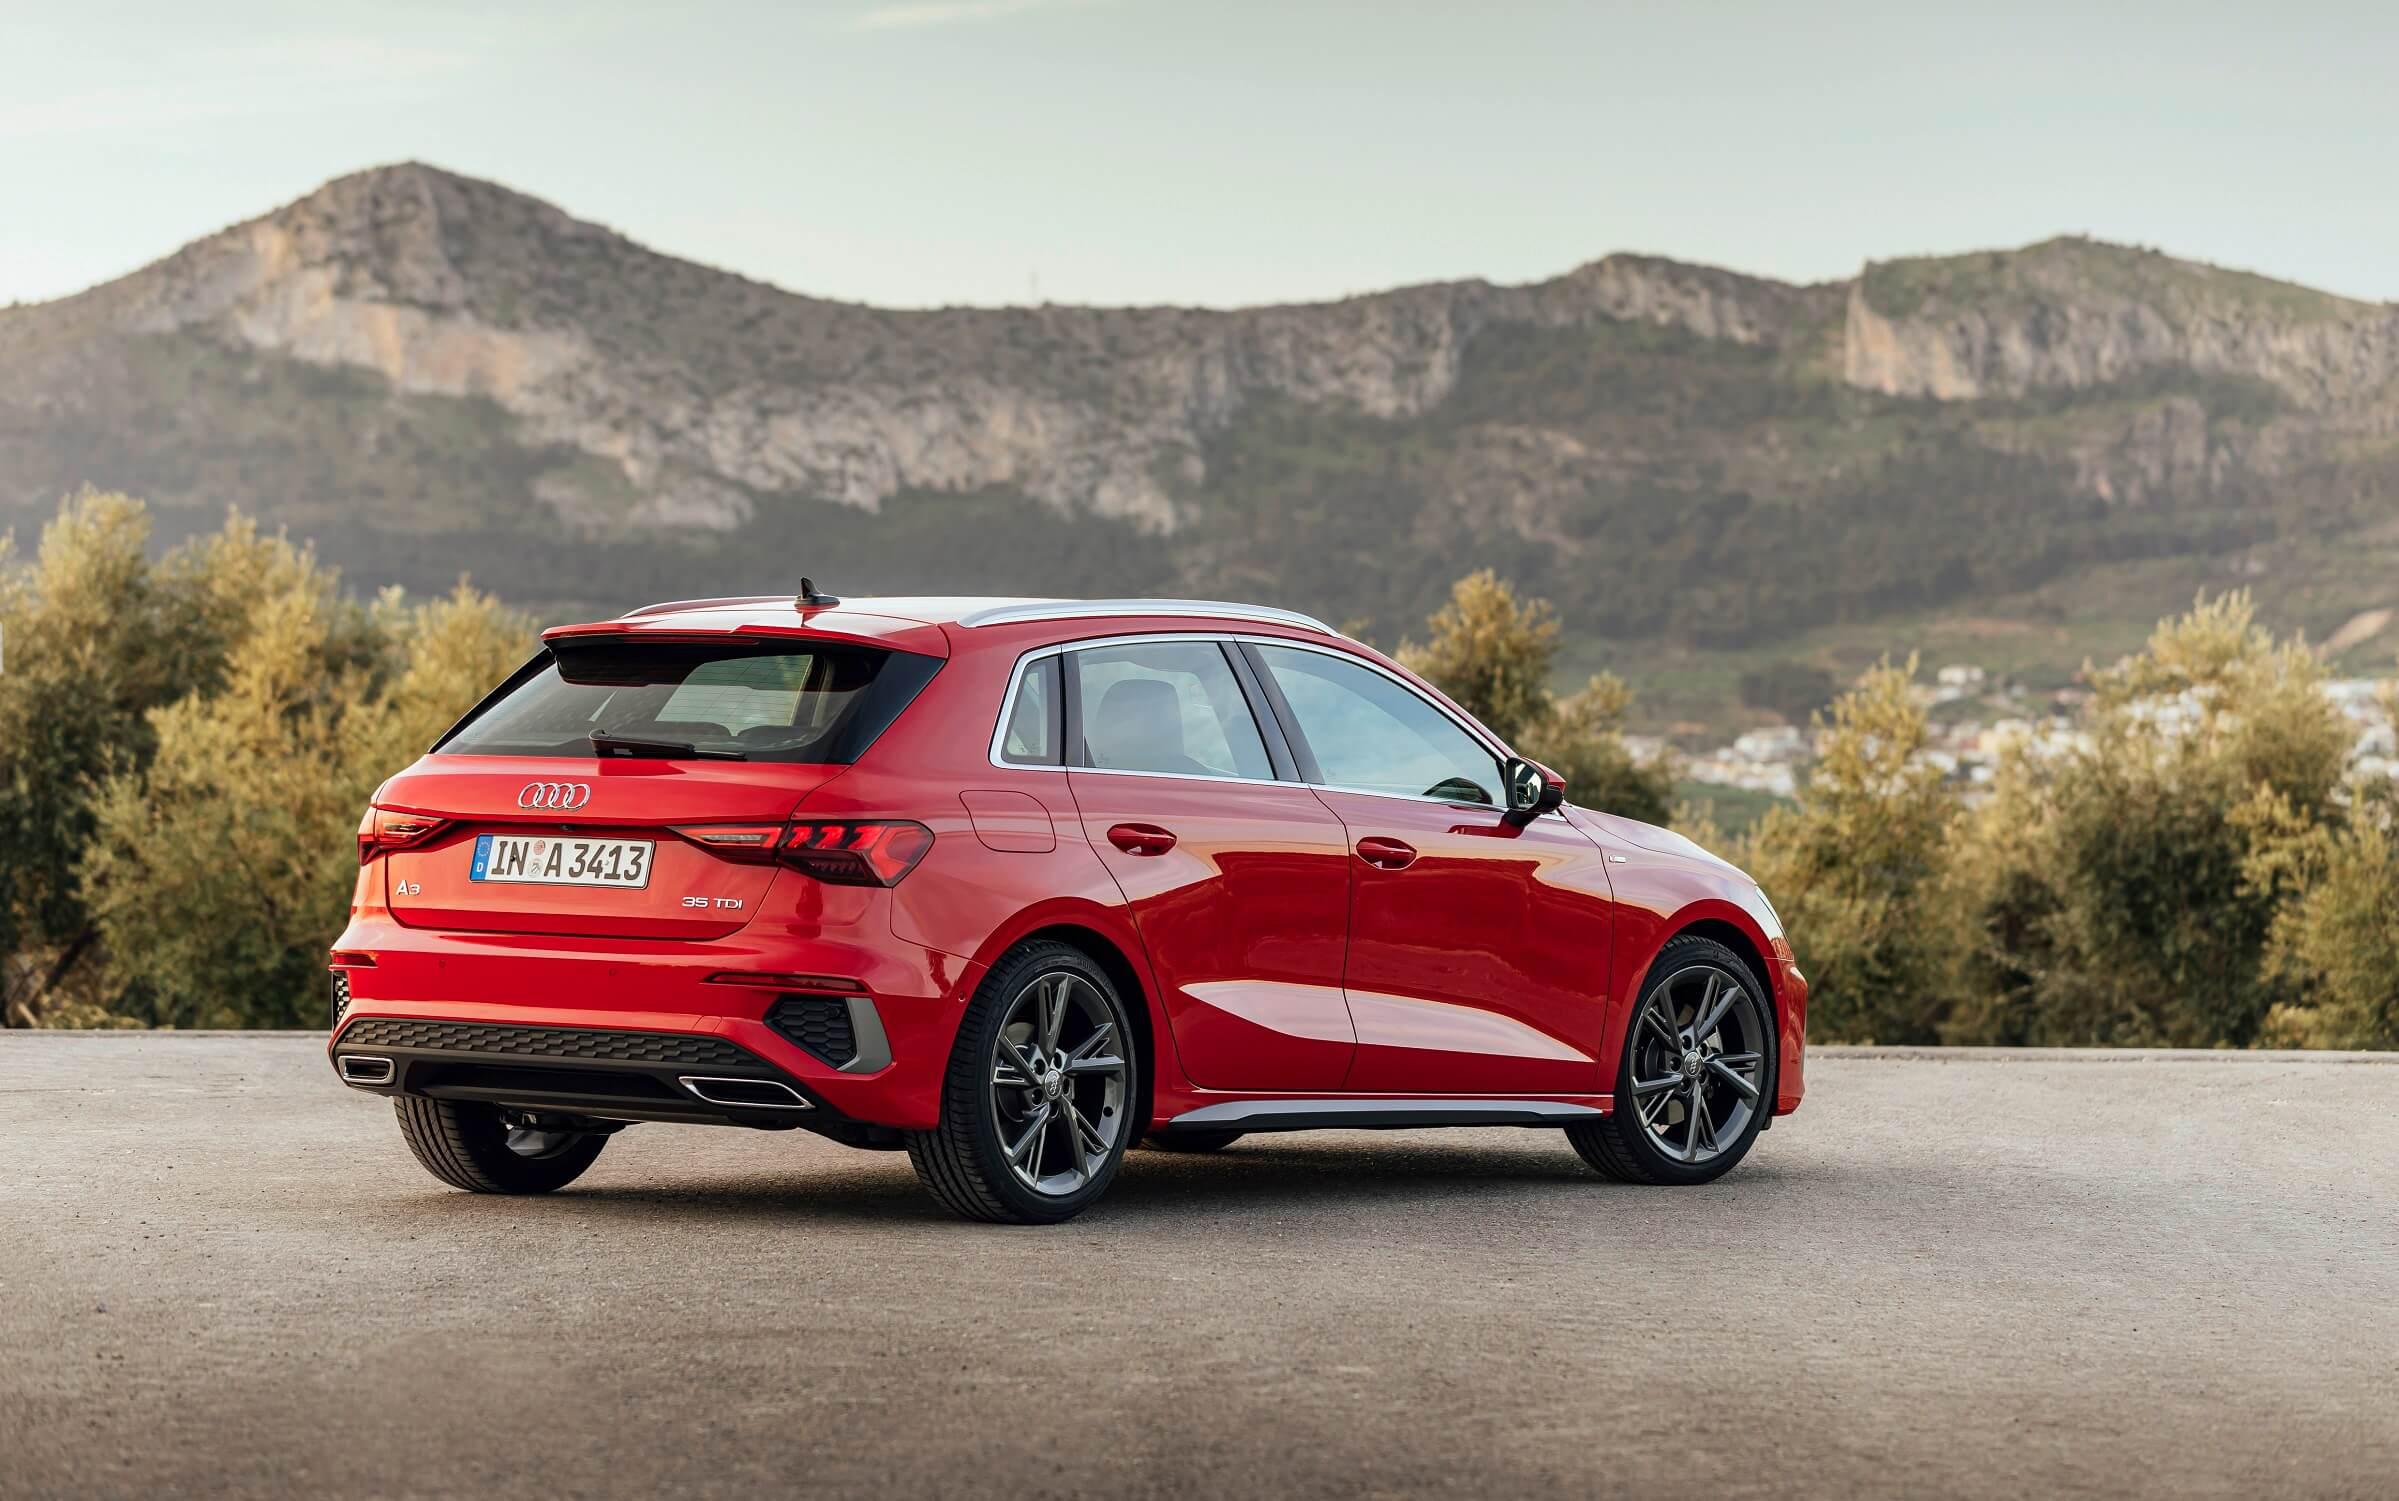 Νέο Audi A3 Sportback - Πίσω πλαϊνή όψη σε κόκκινο χρώμα